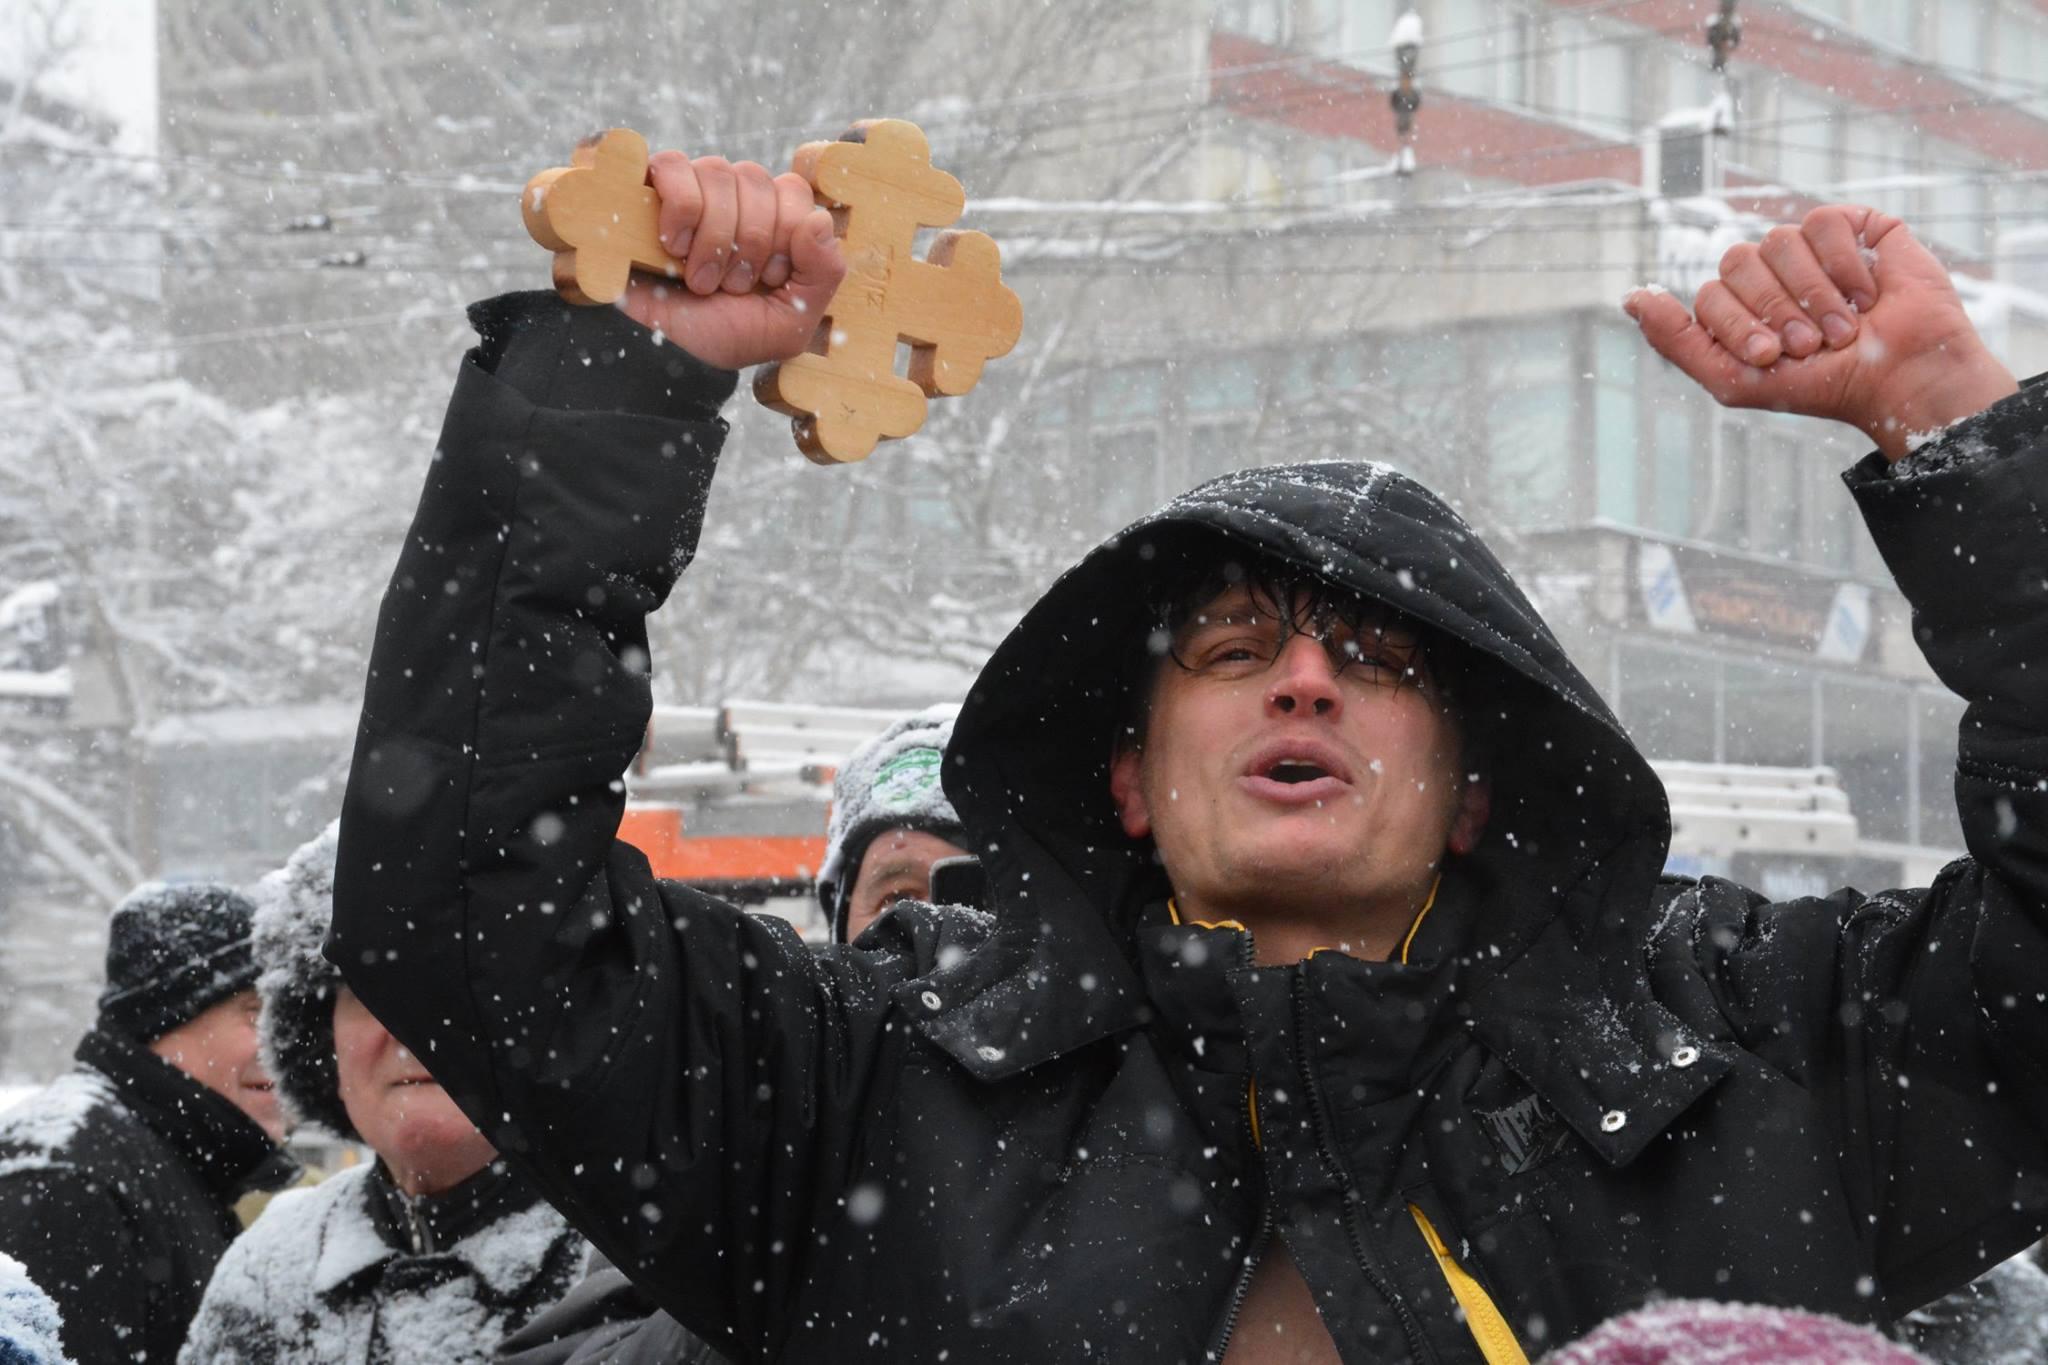 Йордан Белев (Дани Меджикс) хвана кръста на Йордановден © Община Габрово